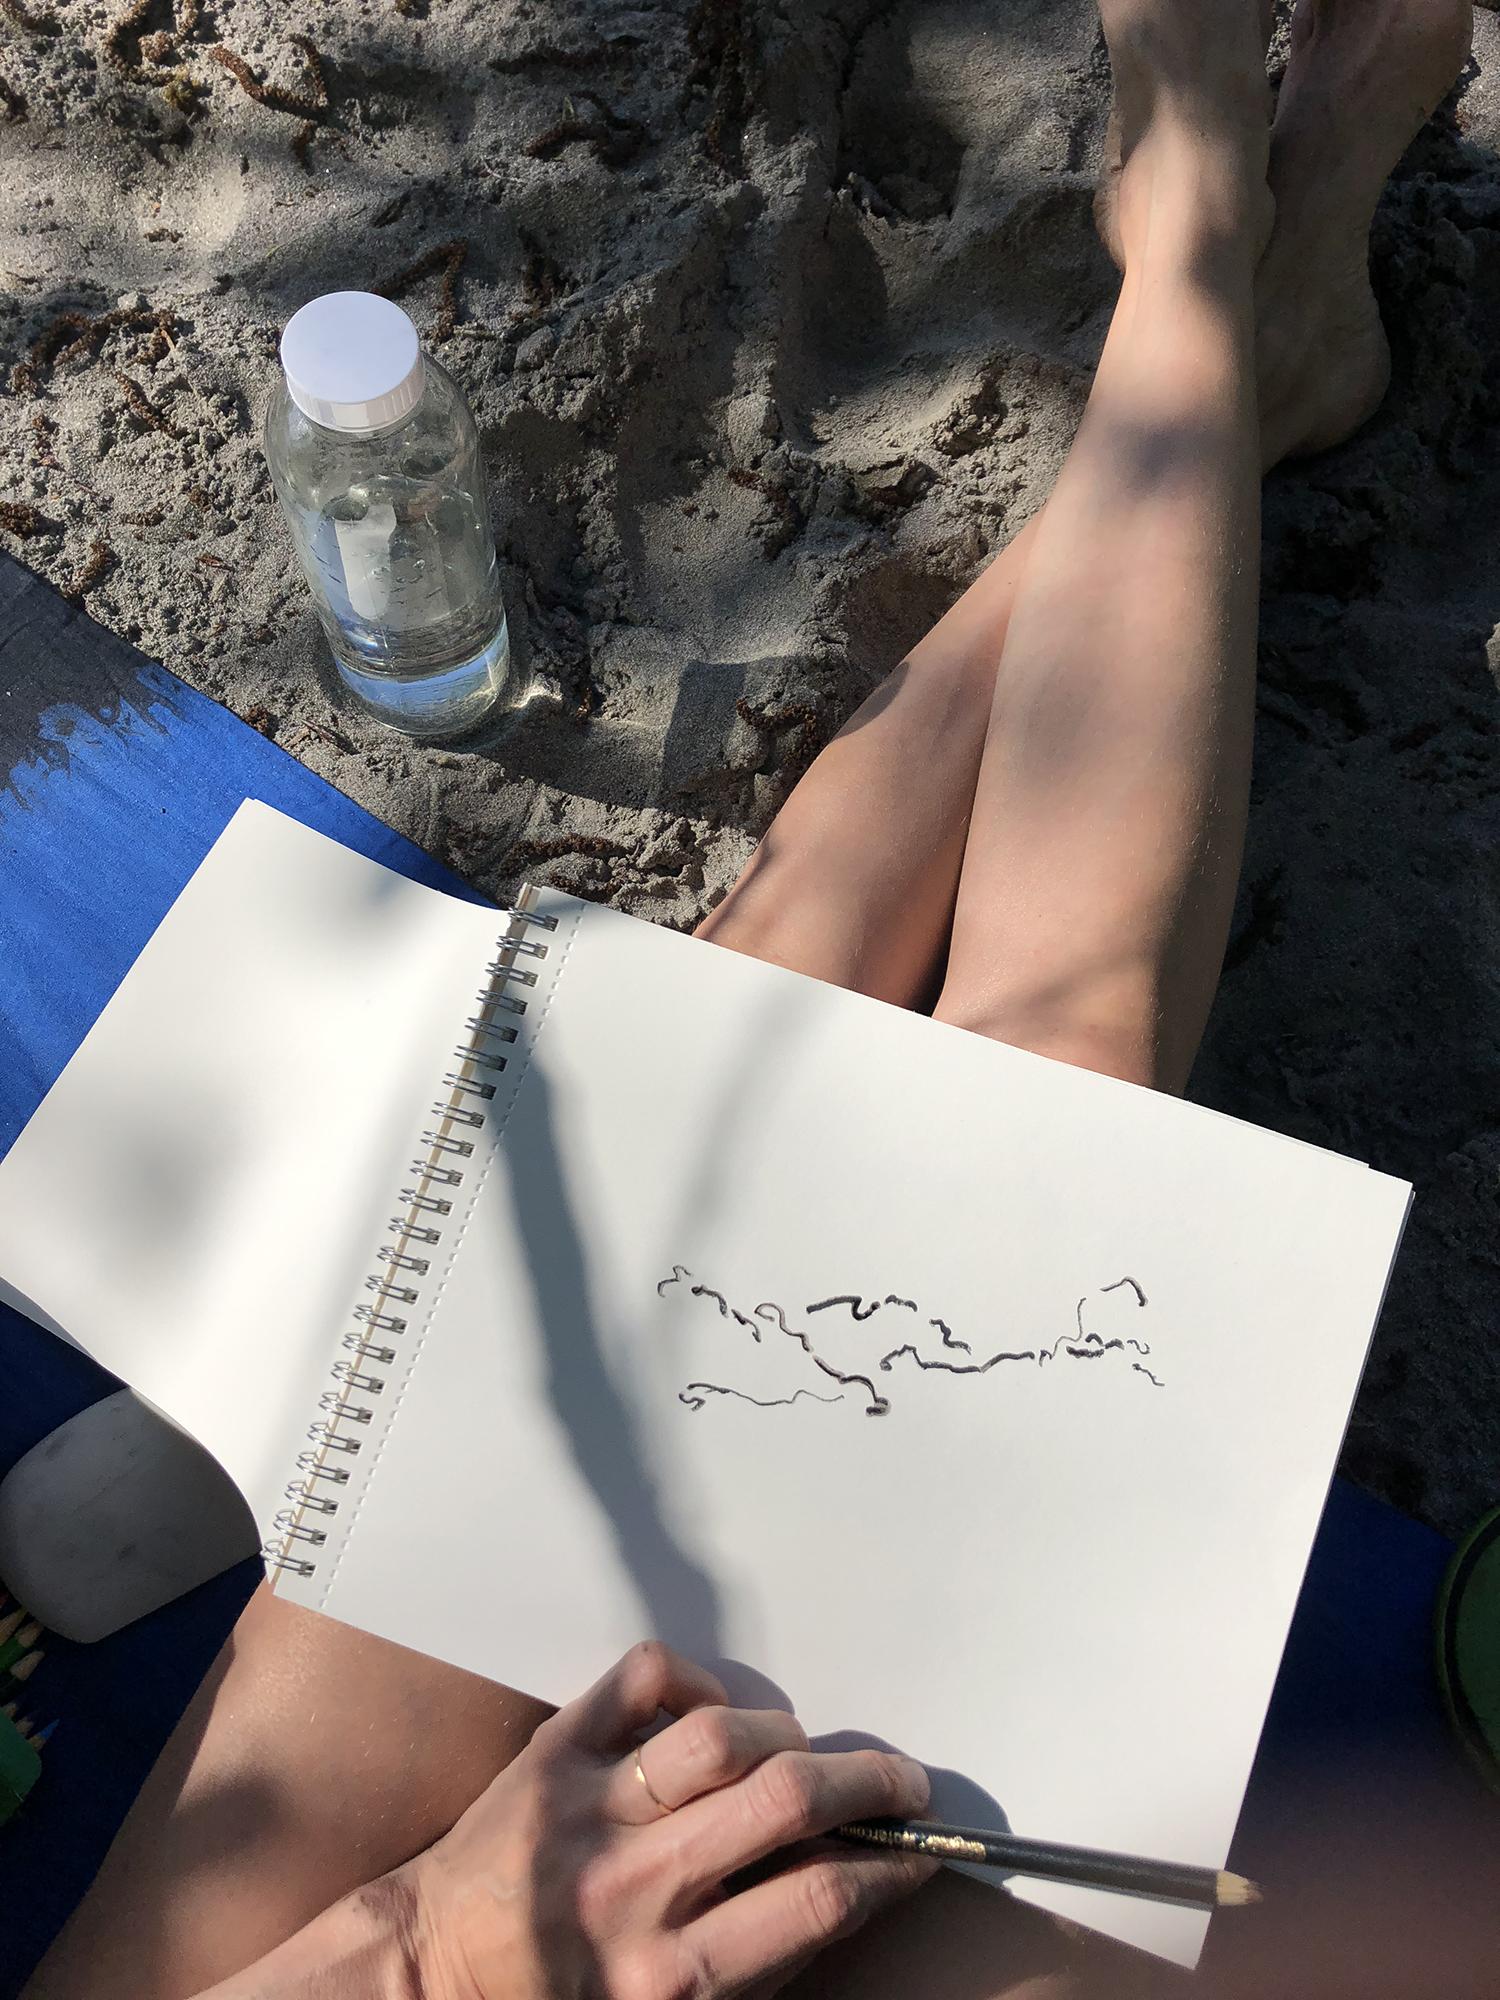 jay-paganini_sauk-river_line-drawing02sm.jpg